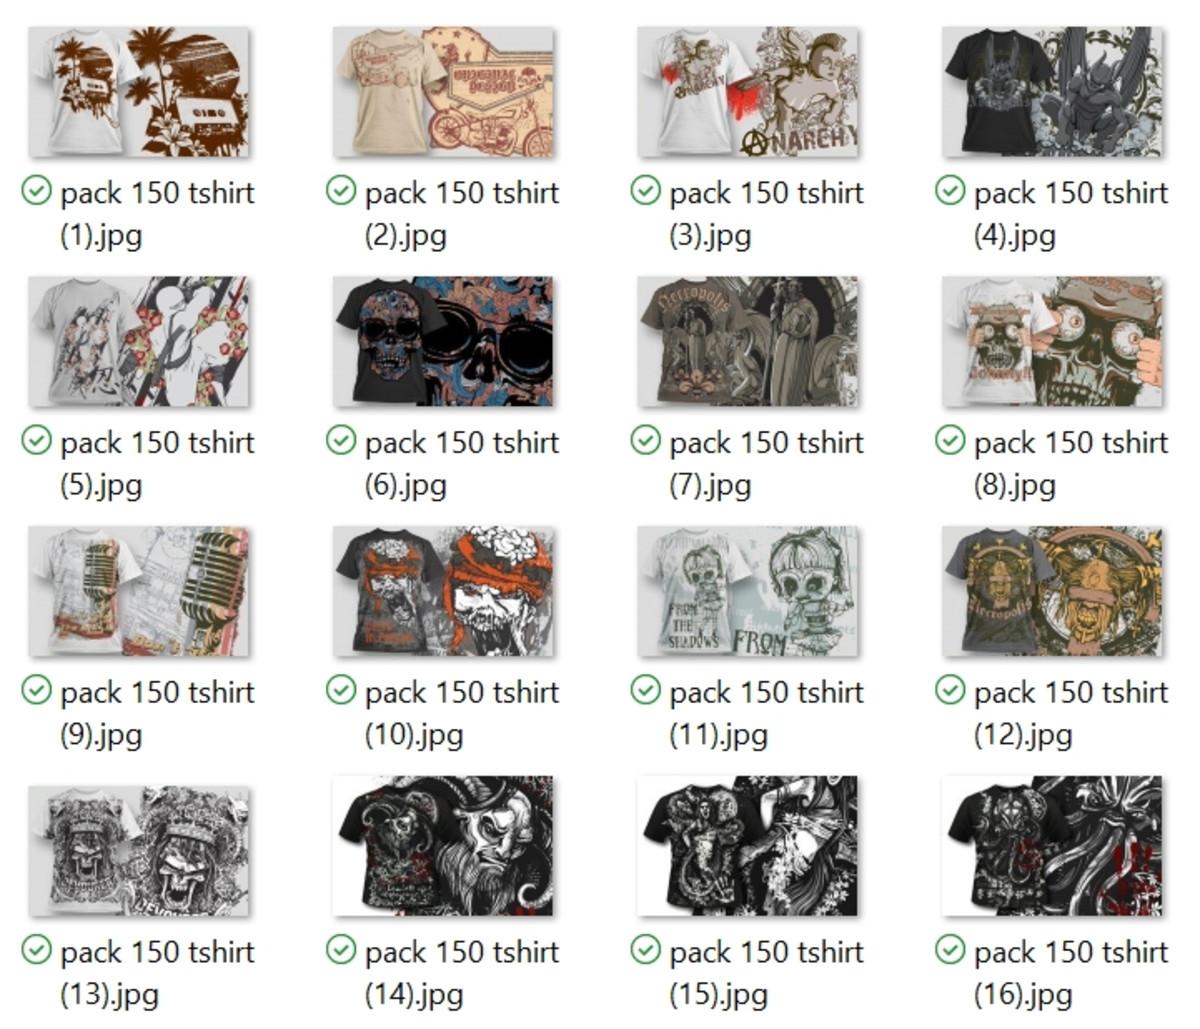 f4f49ff83536d 150 Artes Para Camisetas Em Vetores Editáveis + Mockups no Elo7 ...